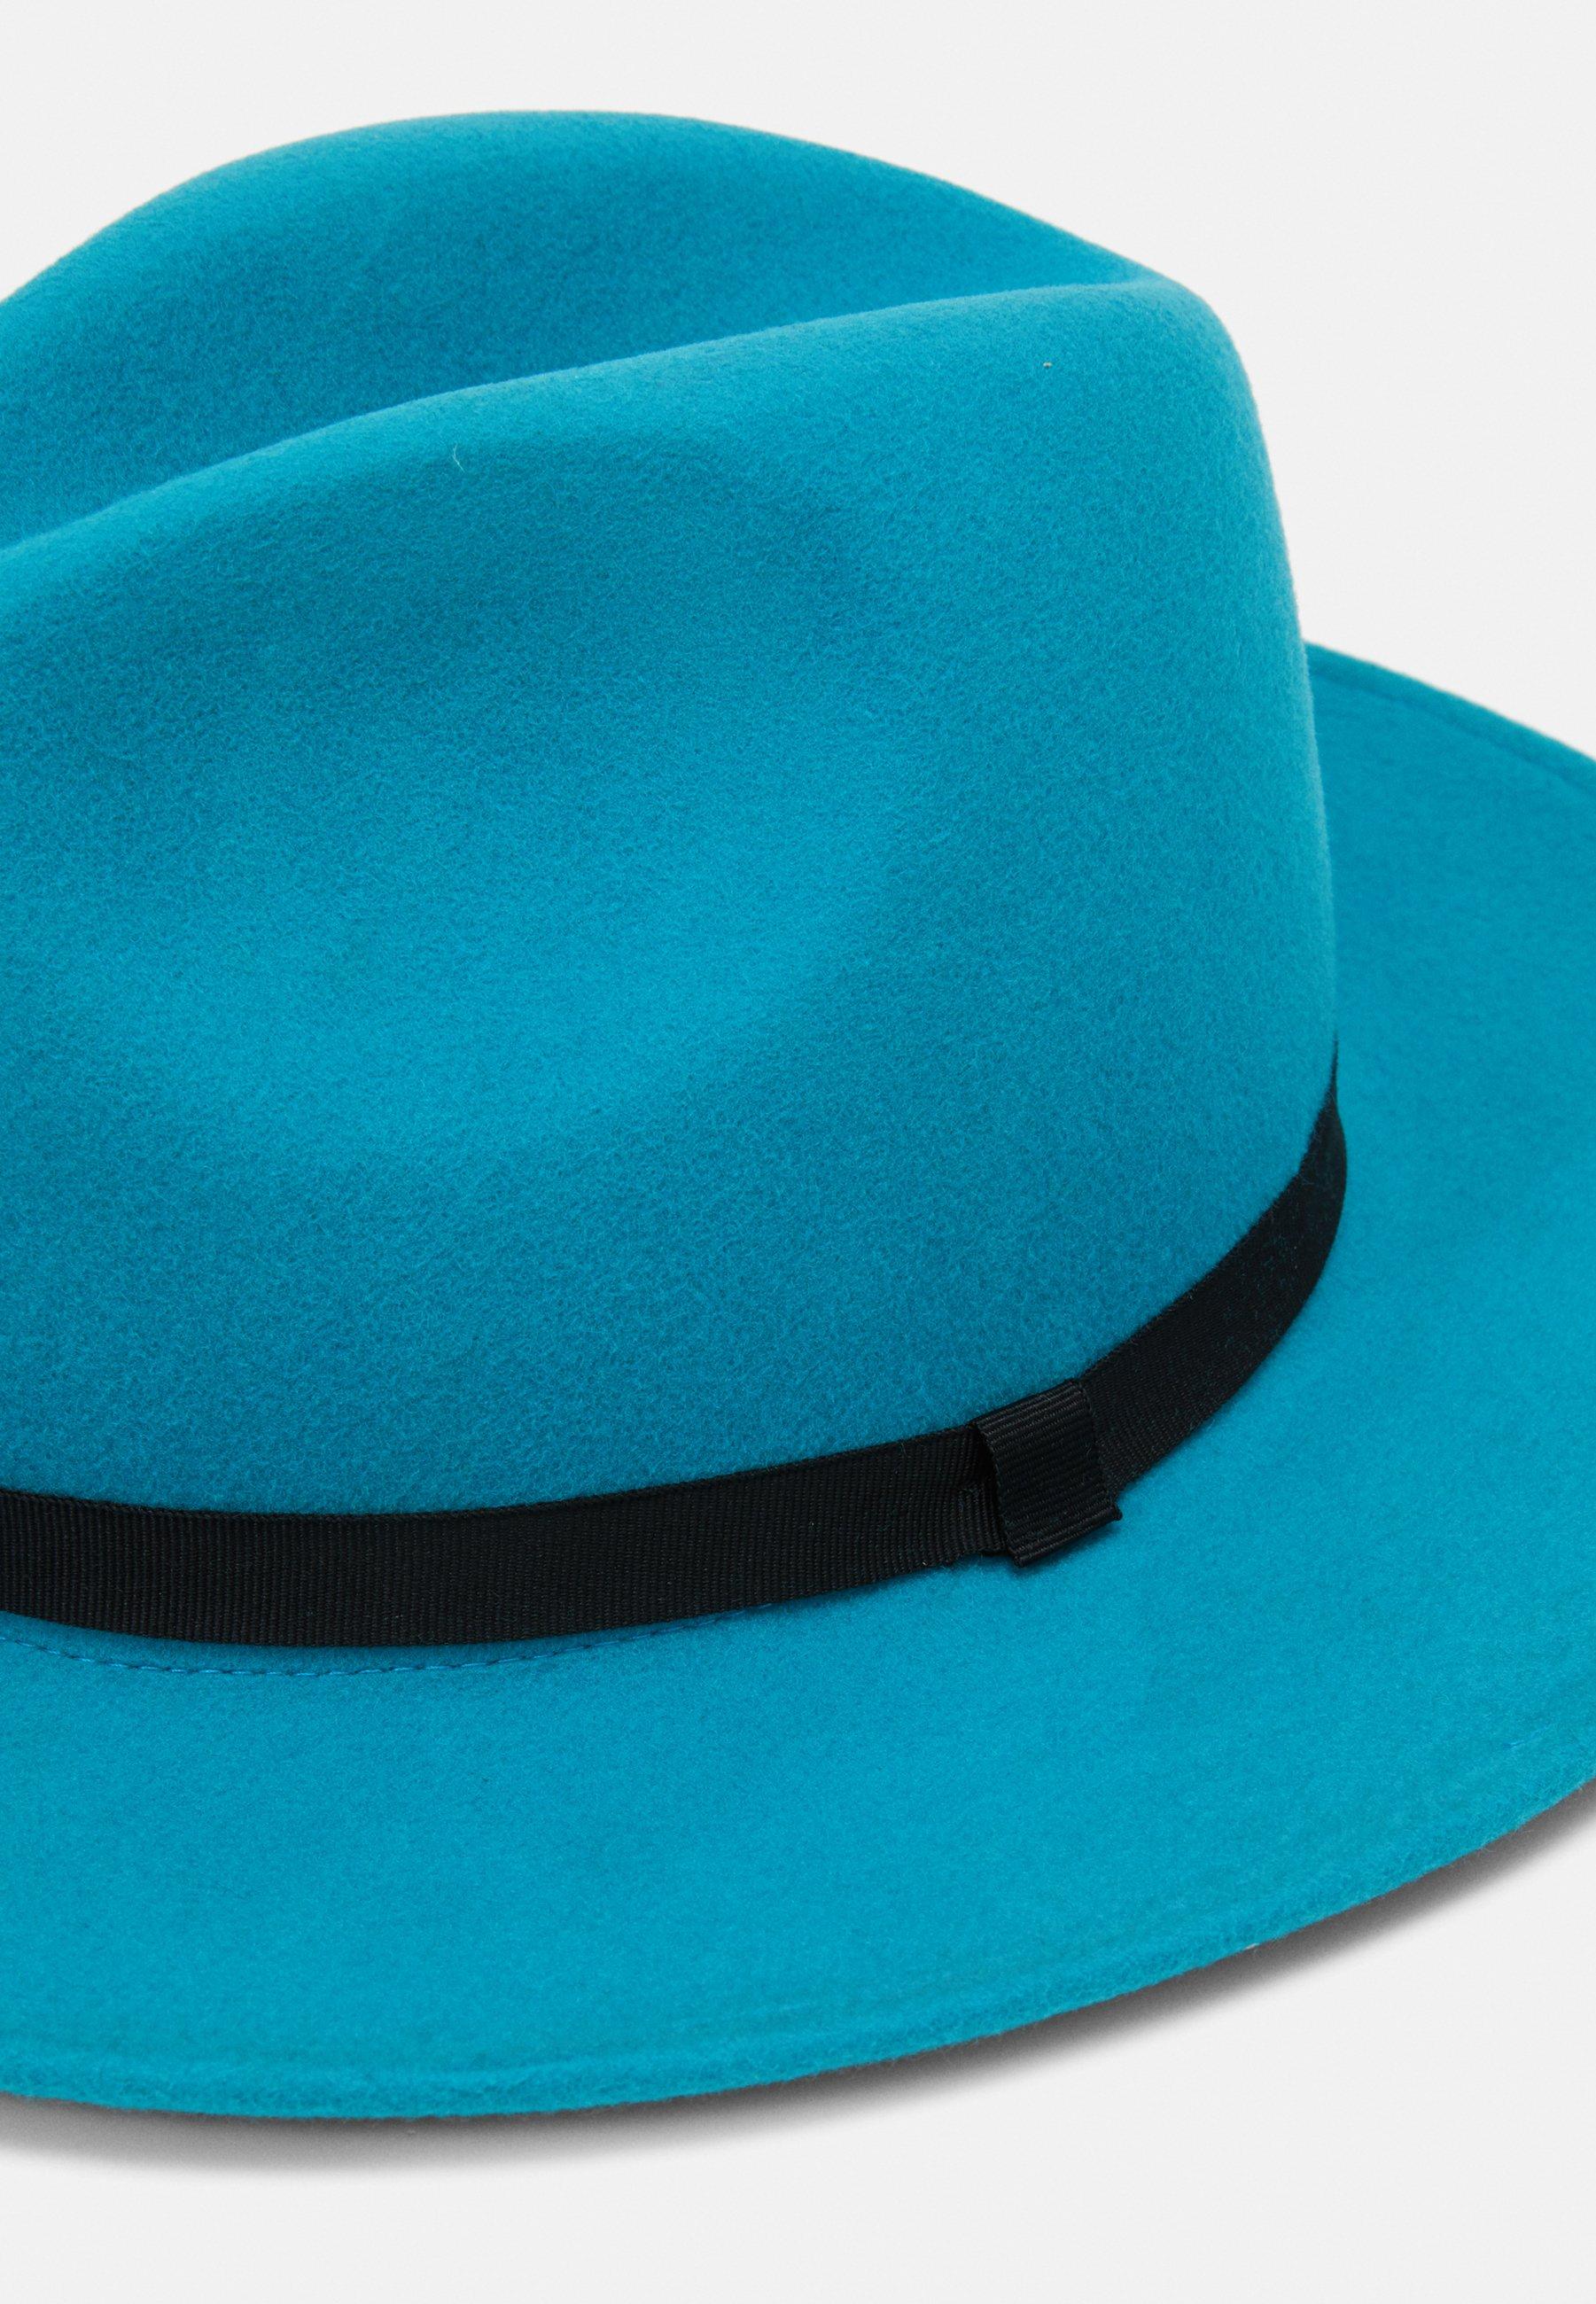 Paul Smith WOMEN HAT LINOCUT FEDORA - Hatt - green/grønn wr9GninEGrVIYQj